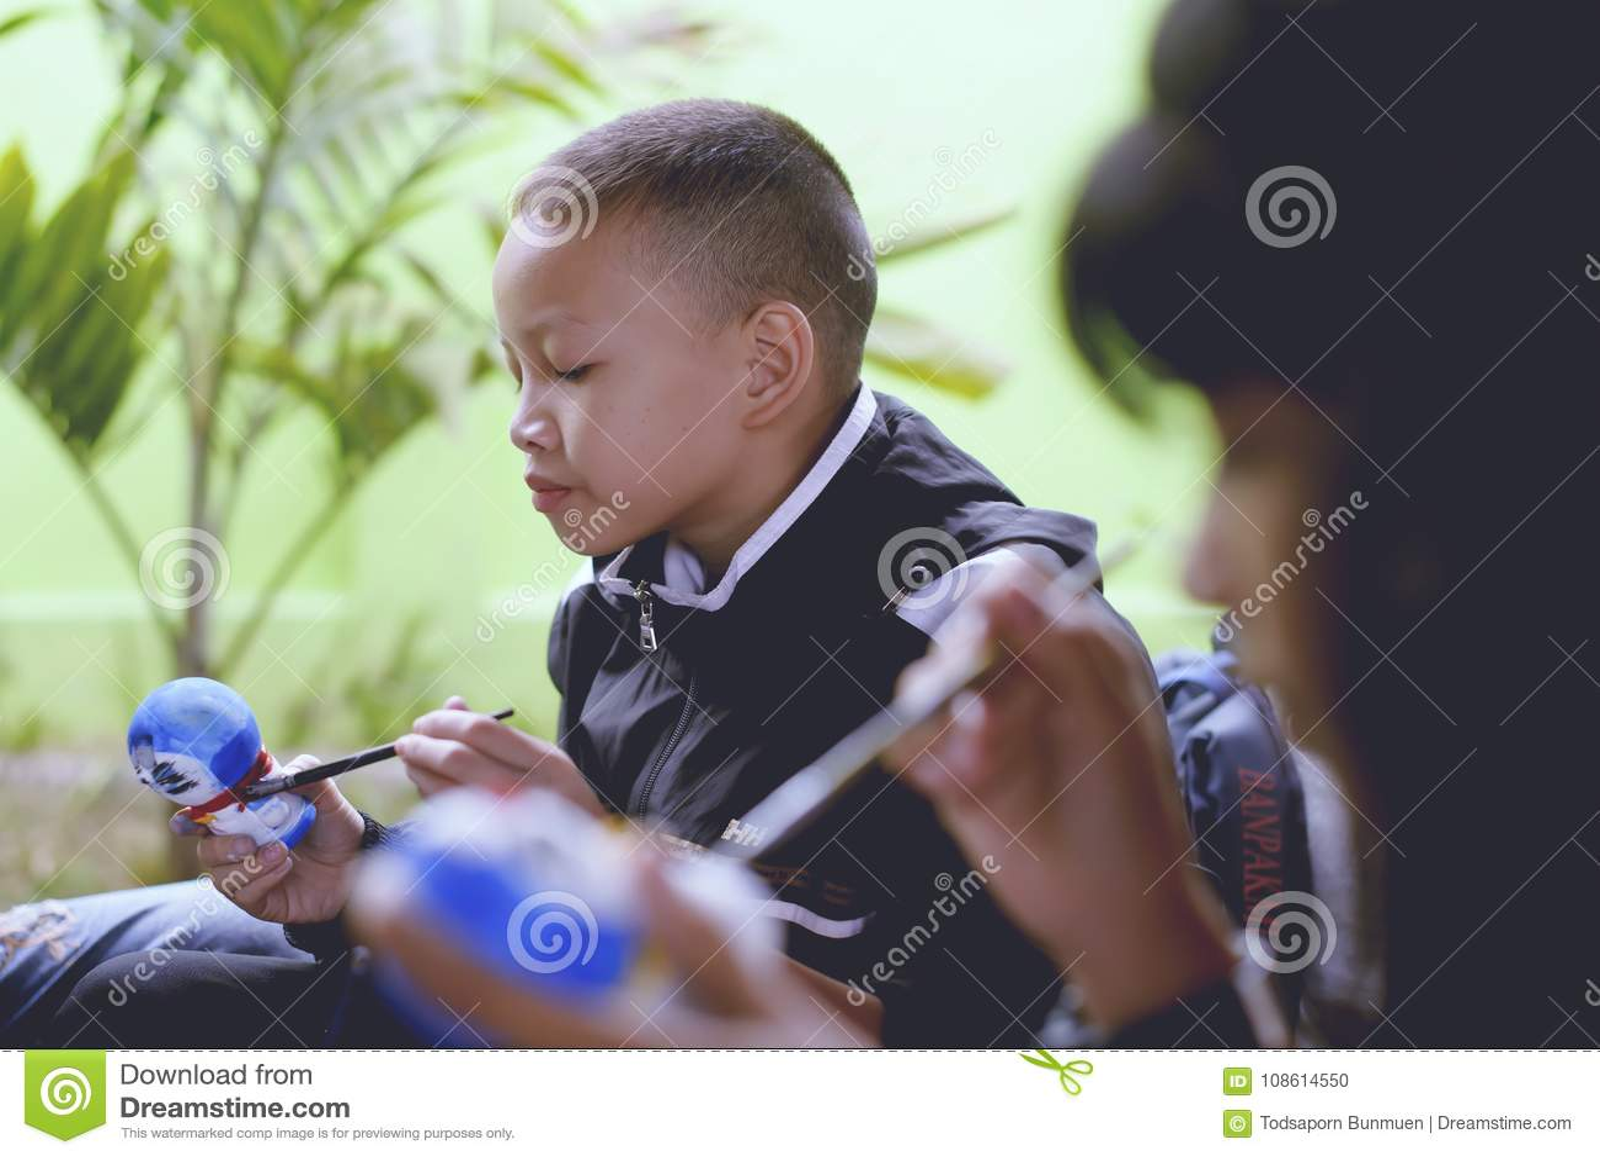 Εθνική ημέρα παιδιών ` s της Ταϊλάνδης ` s - ημέρα παιδιών ` s Οι δημοφιλείς δραστηριότητες είναι στο χρωματισμό για το πρότυπο -